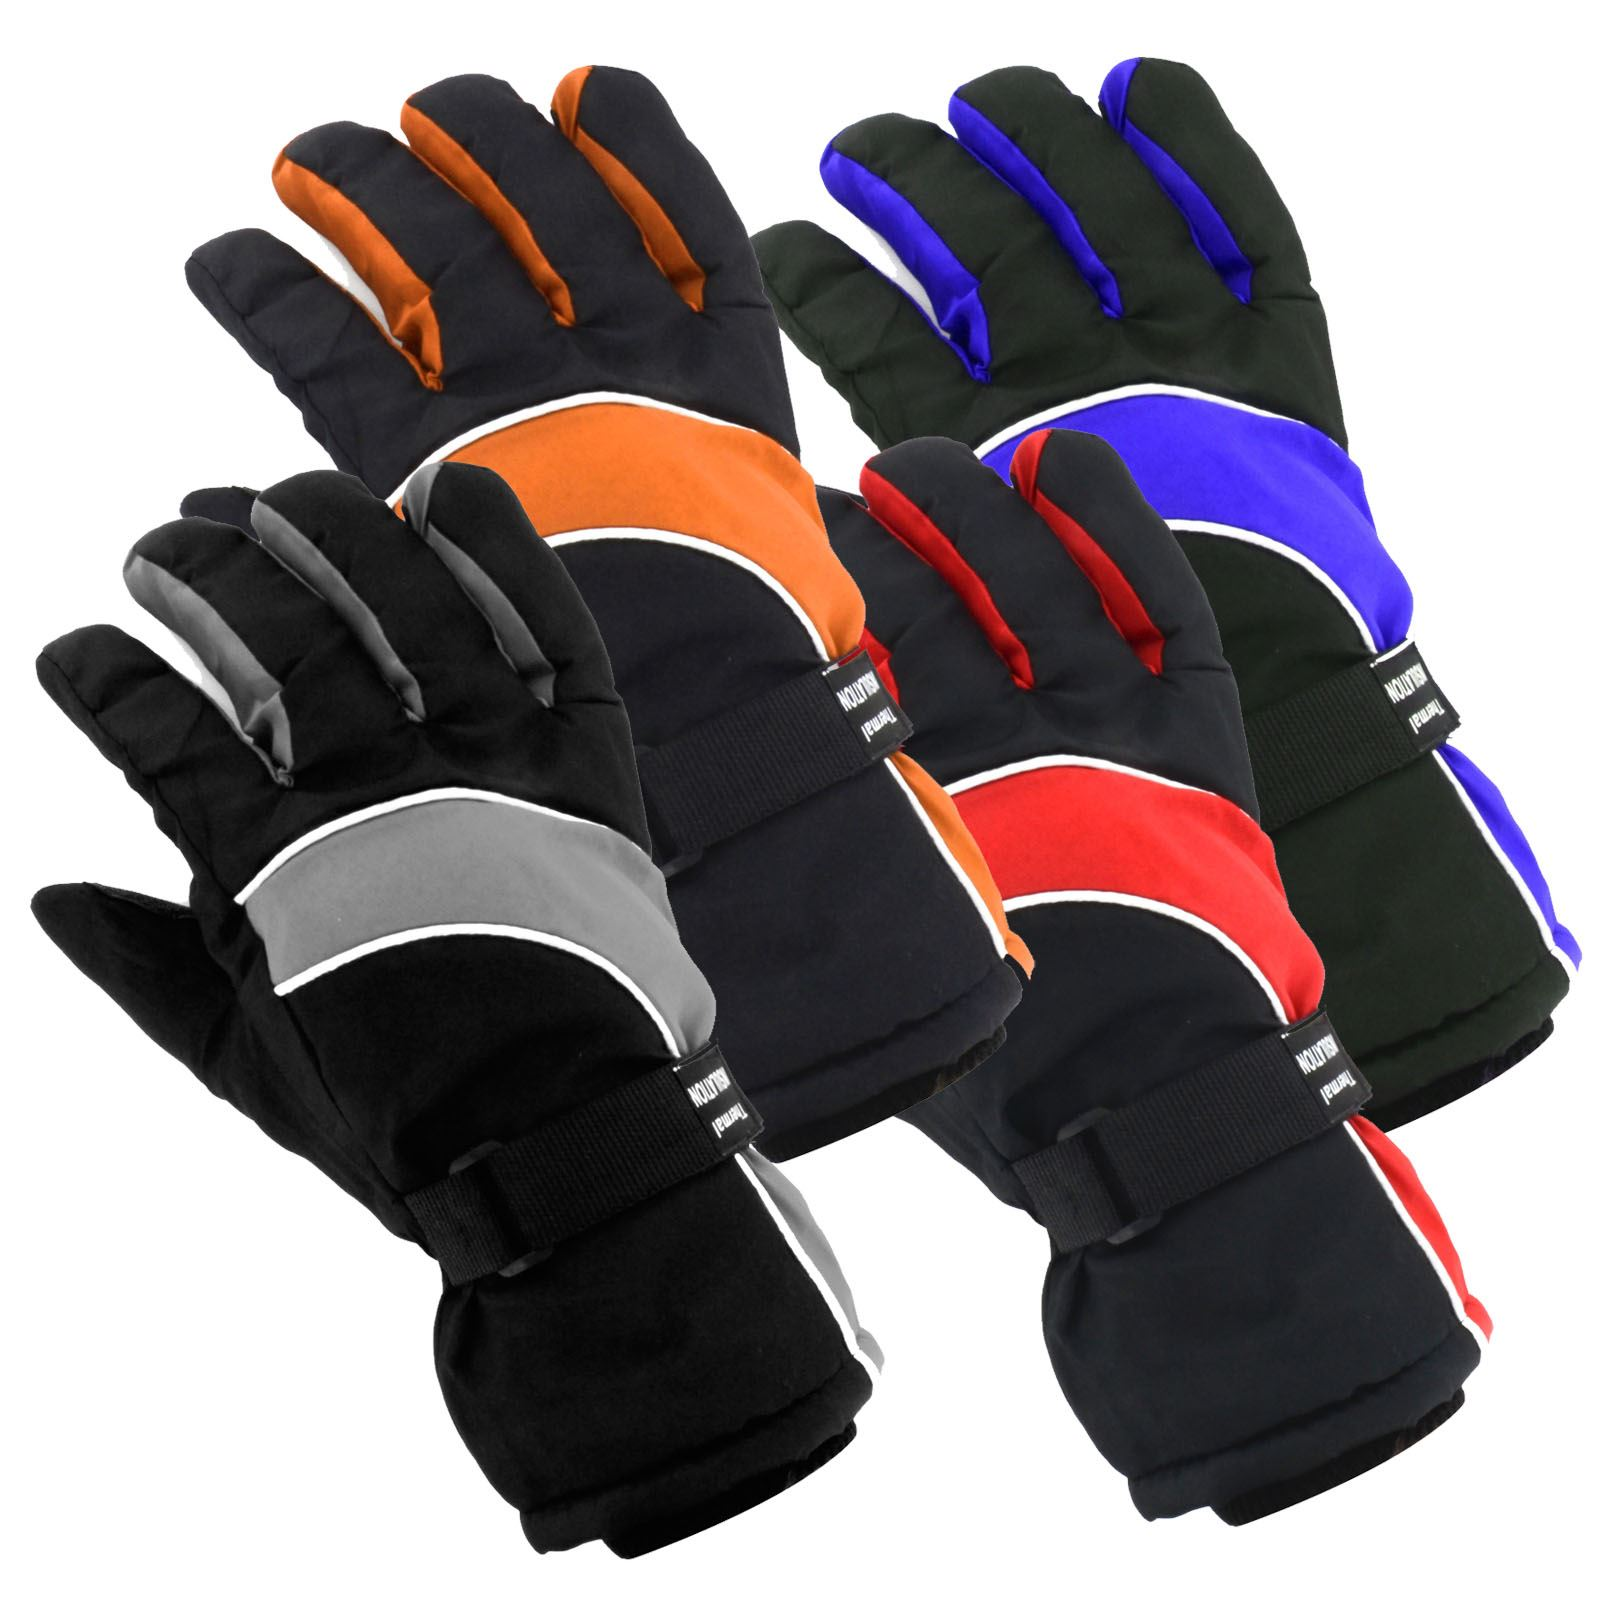 Sport Snow Gloves: Mens Ladies Unisex Thermal Ski Snowboard Gloves Waterproof